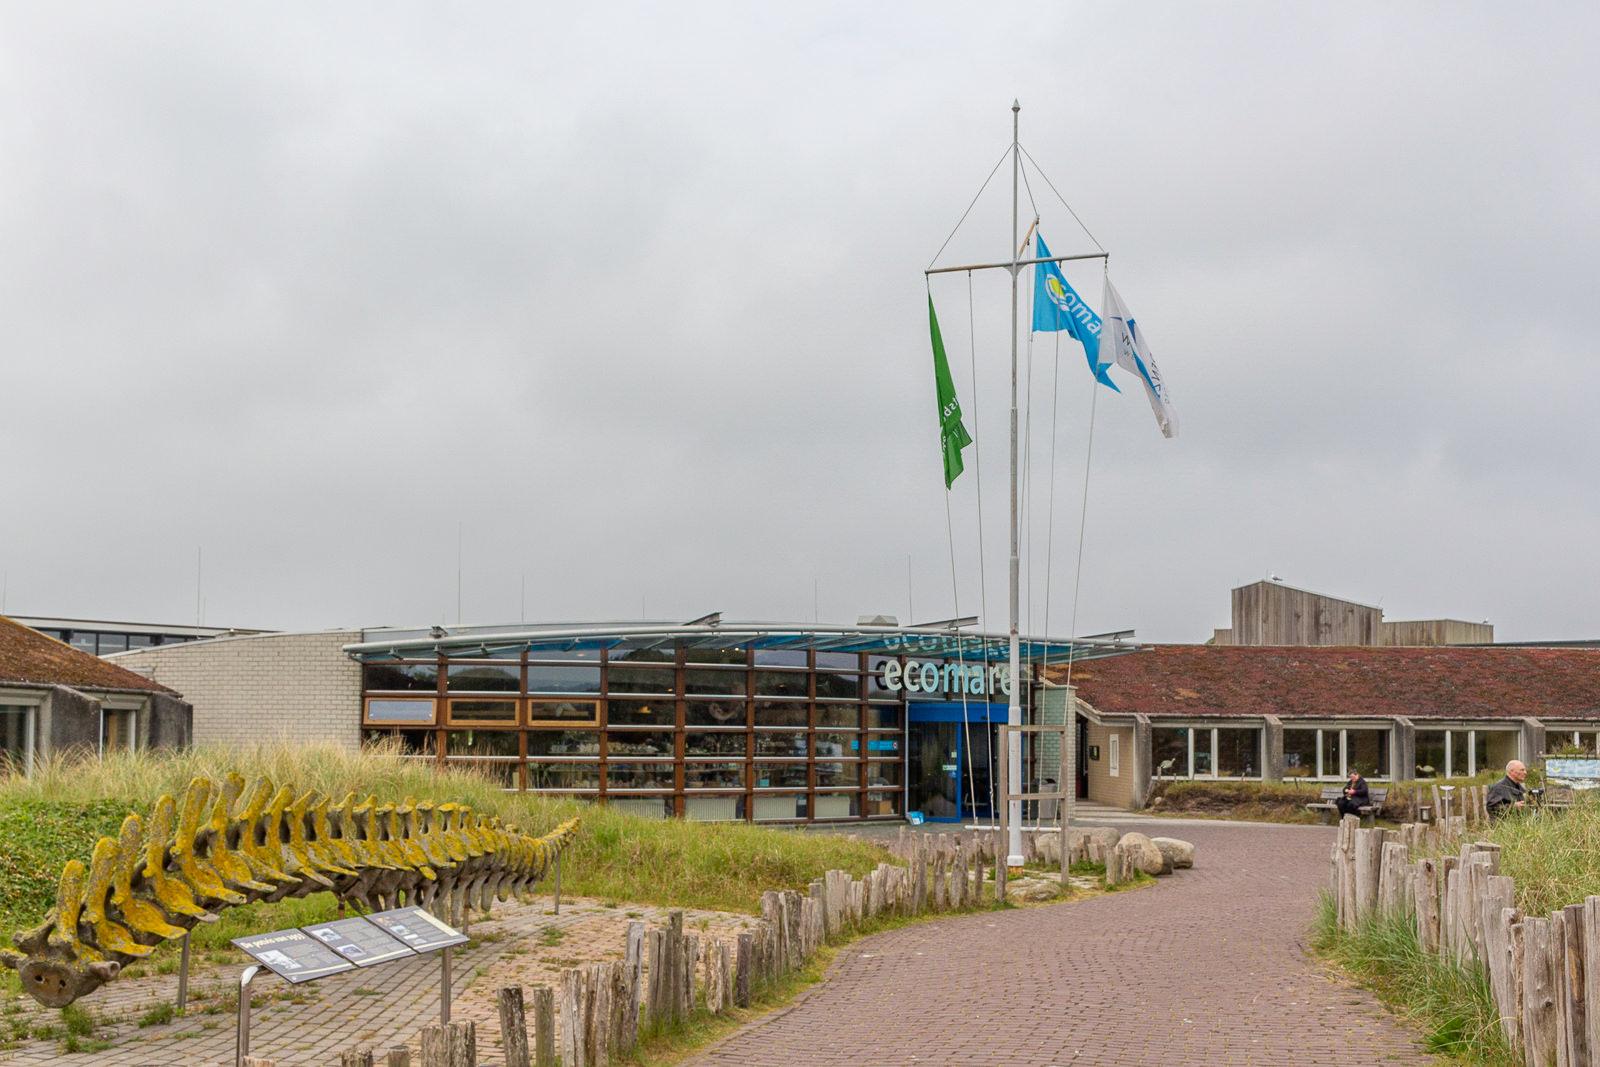 Texel, Texel Reisepass, Ecomare